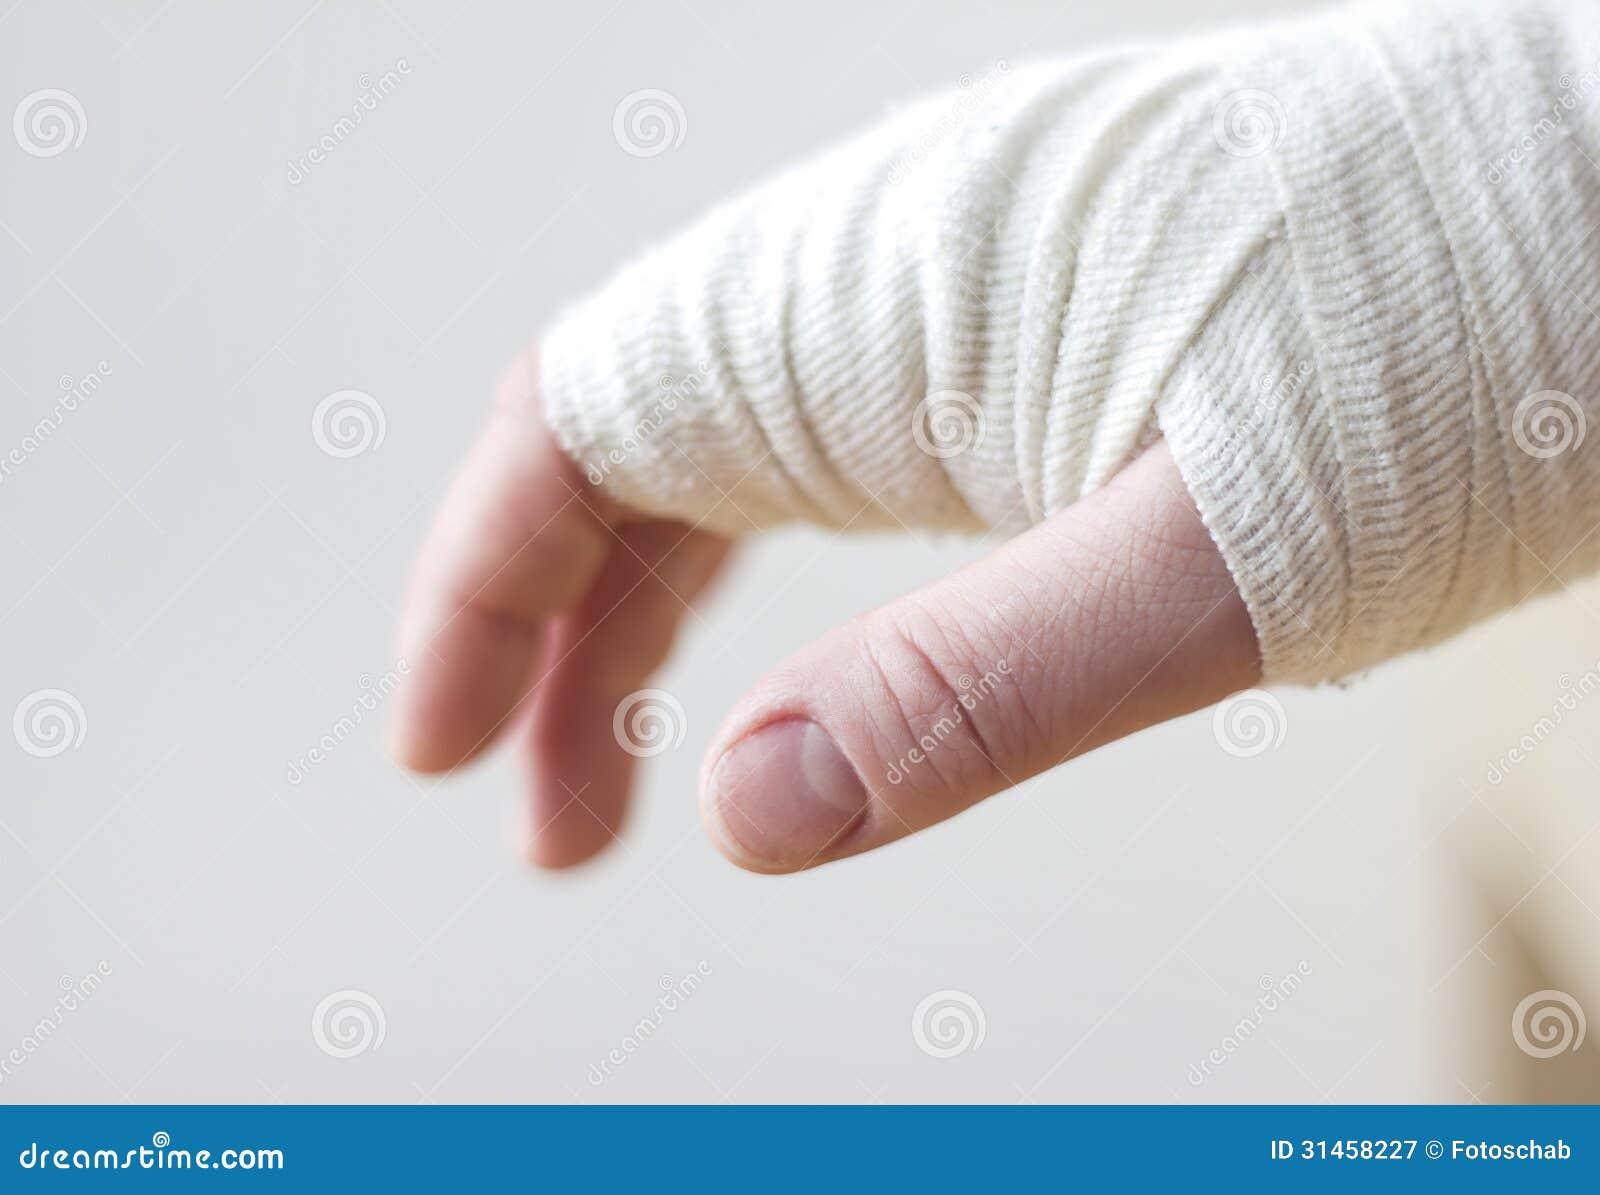 Bandaged Hand Royalty Free Stock Photography - Image: 31458227